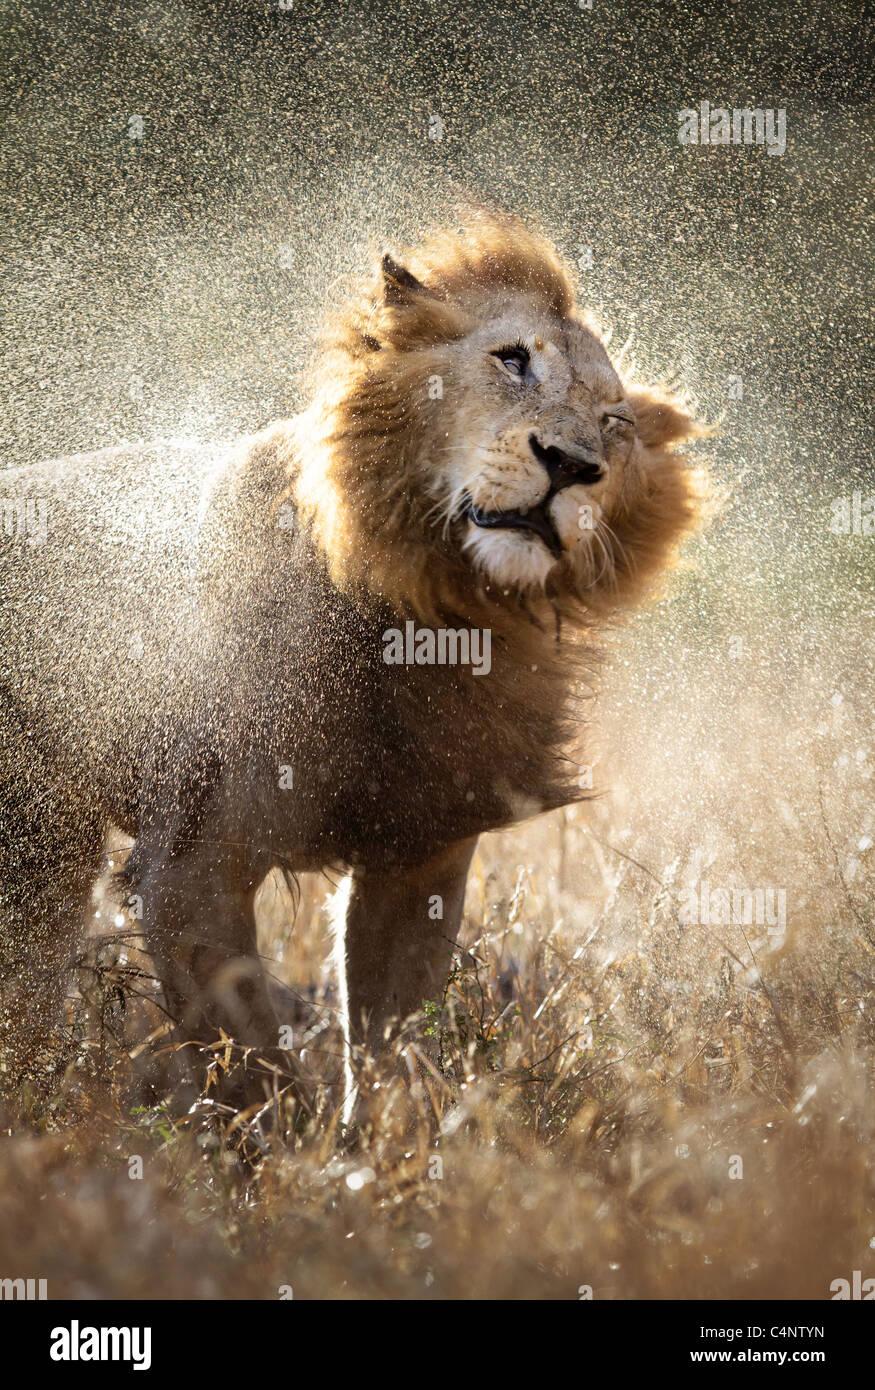 Männlicher Löwe, schütteln Sie das Wasser nach einem Regenguss - Krüger Nationalpark - Südafrika Stockbild